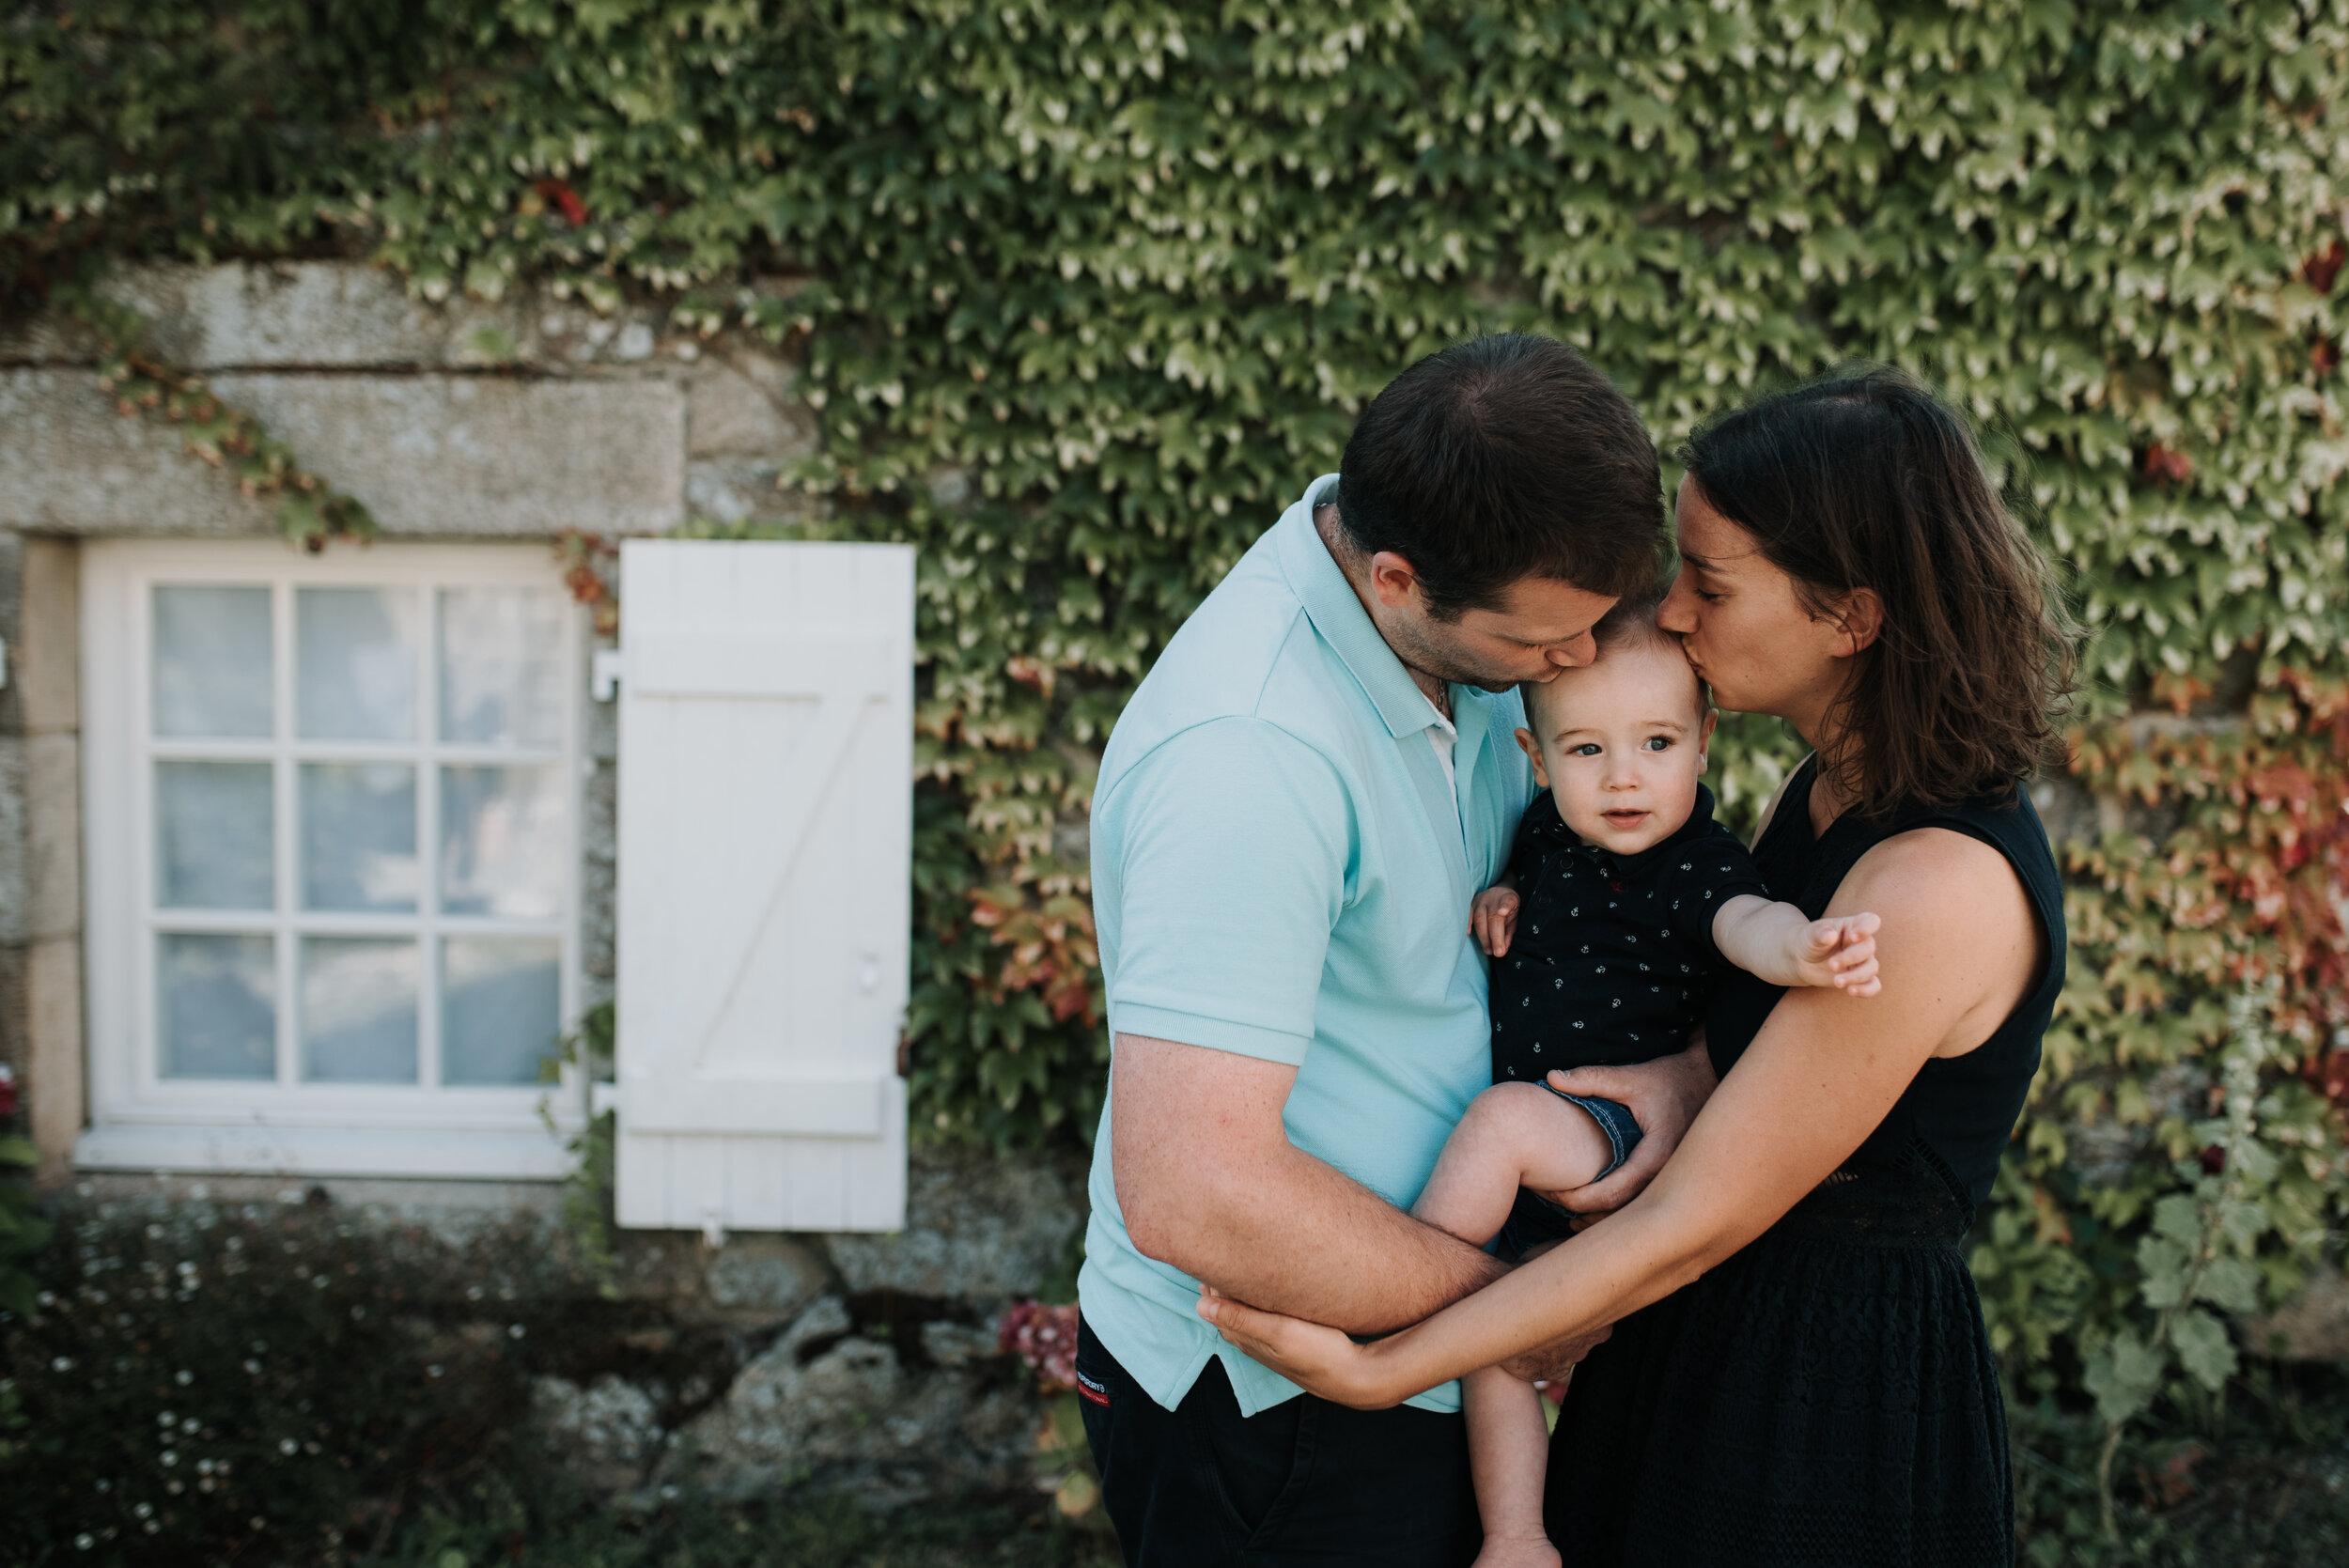 Léa-Fery-photographe-professionnel-Bretagne-portrait-creation-mariage-evenement-evenementiel-famille-2119.jpg